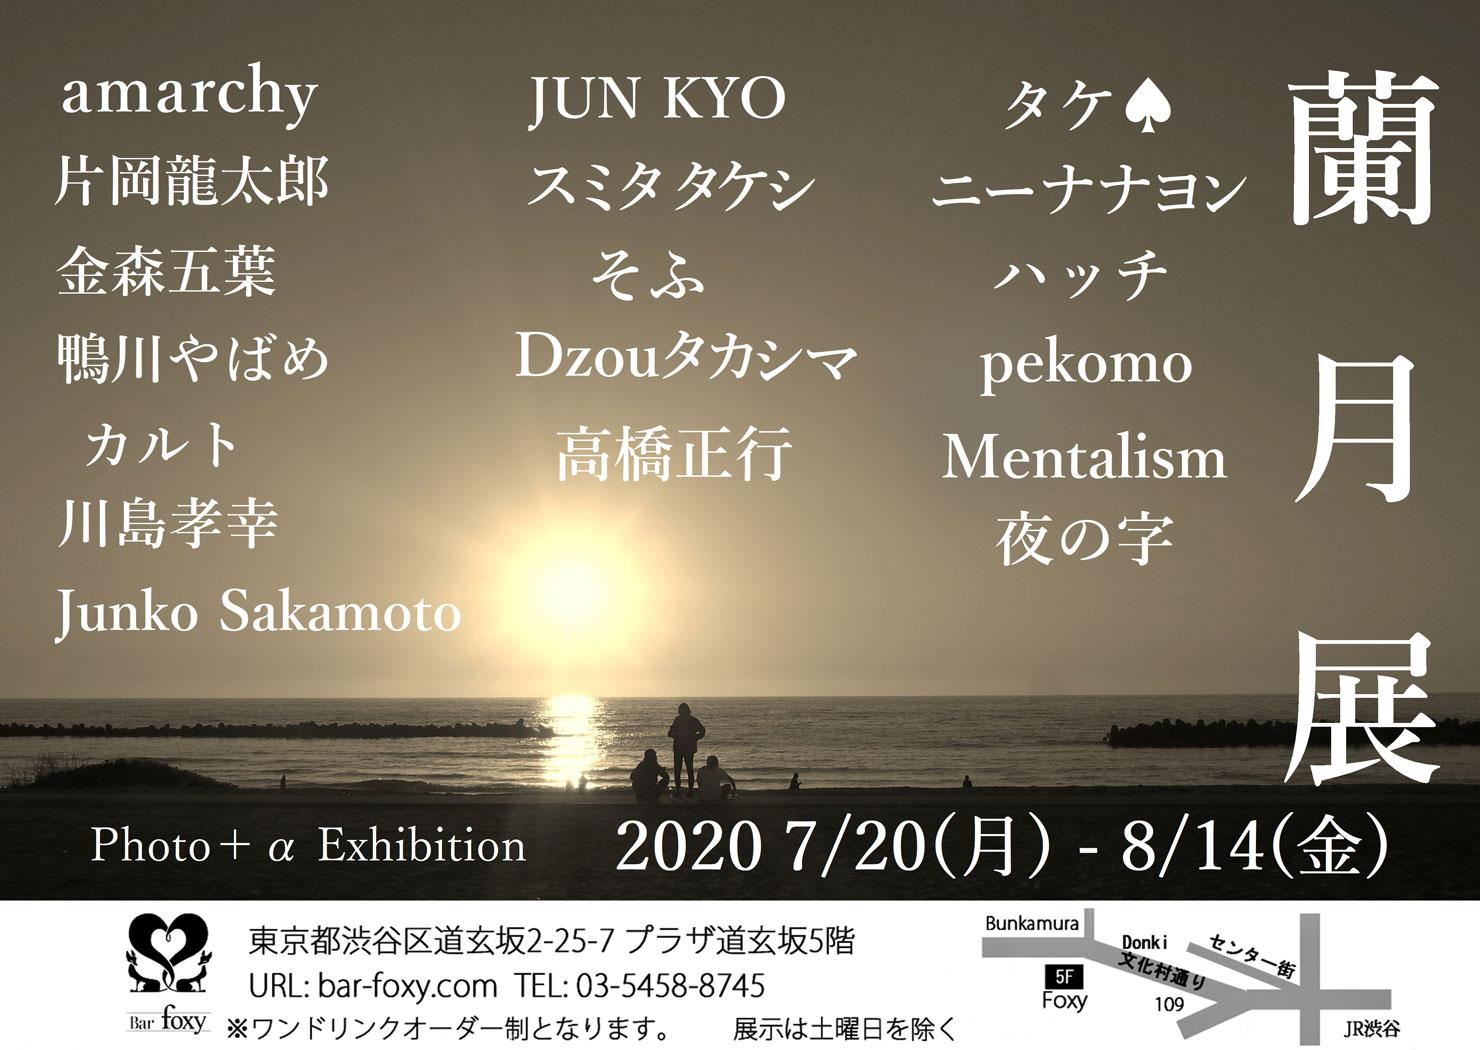 Photo + α Exhibition - 蘭月展 -